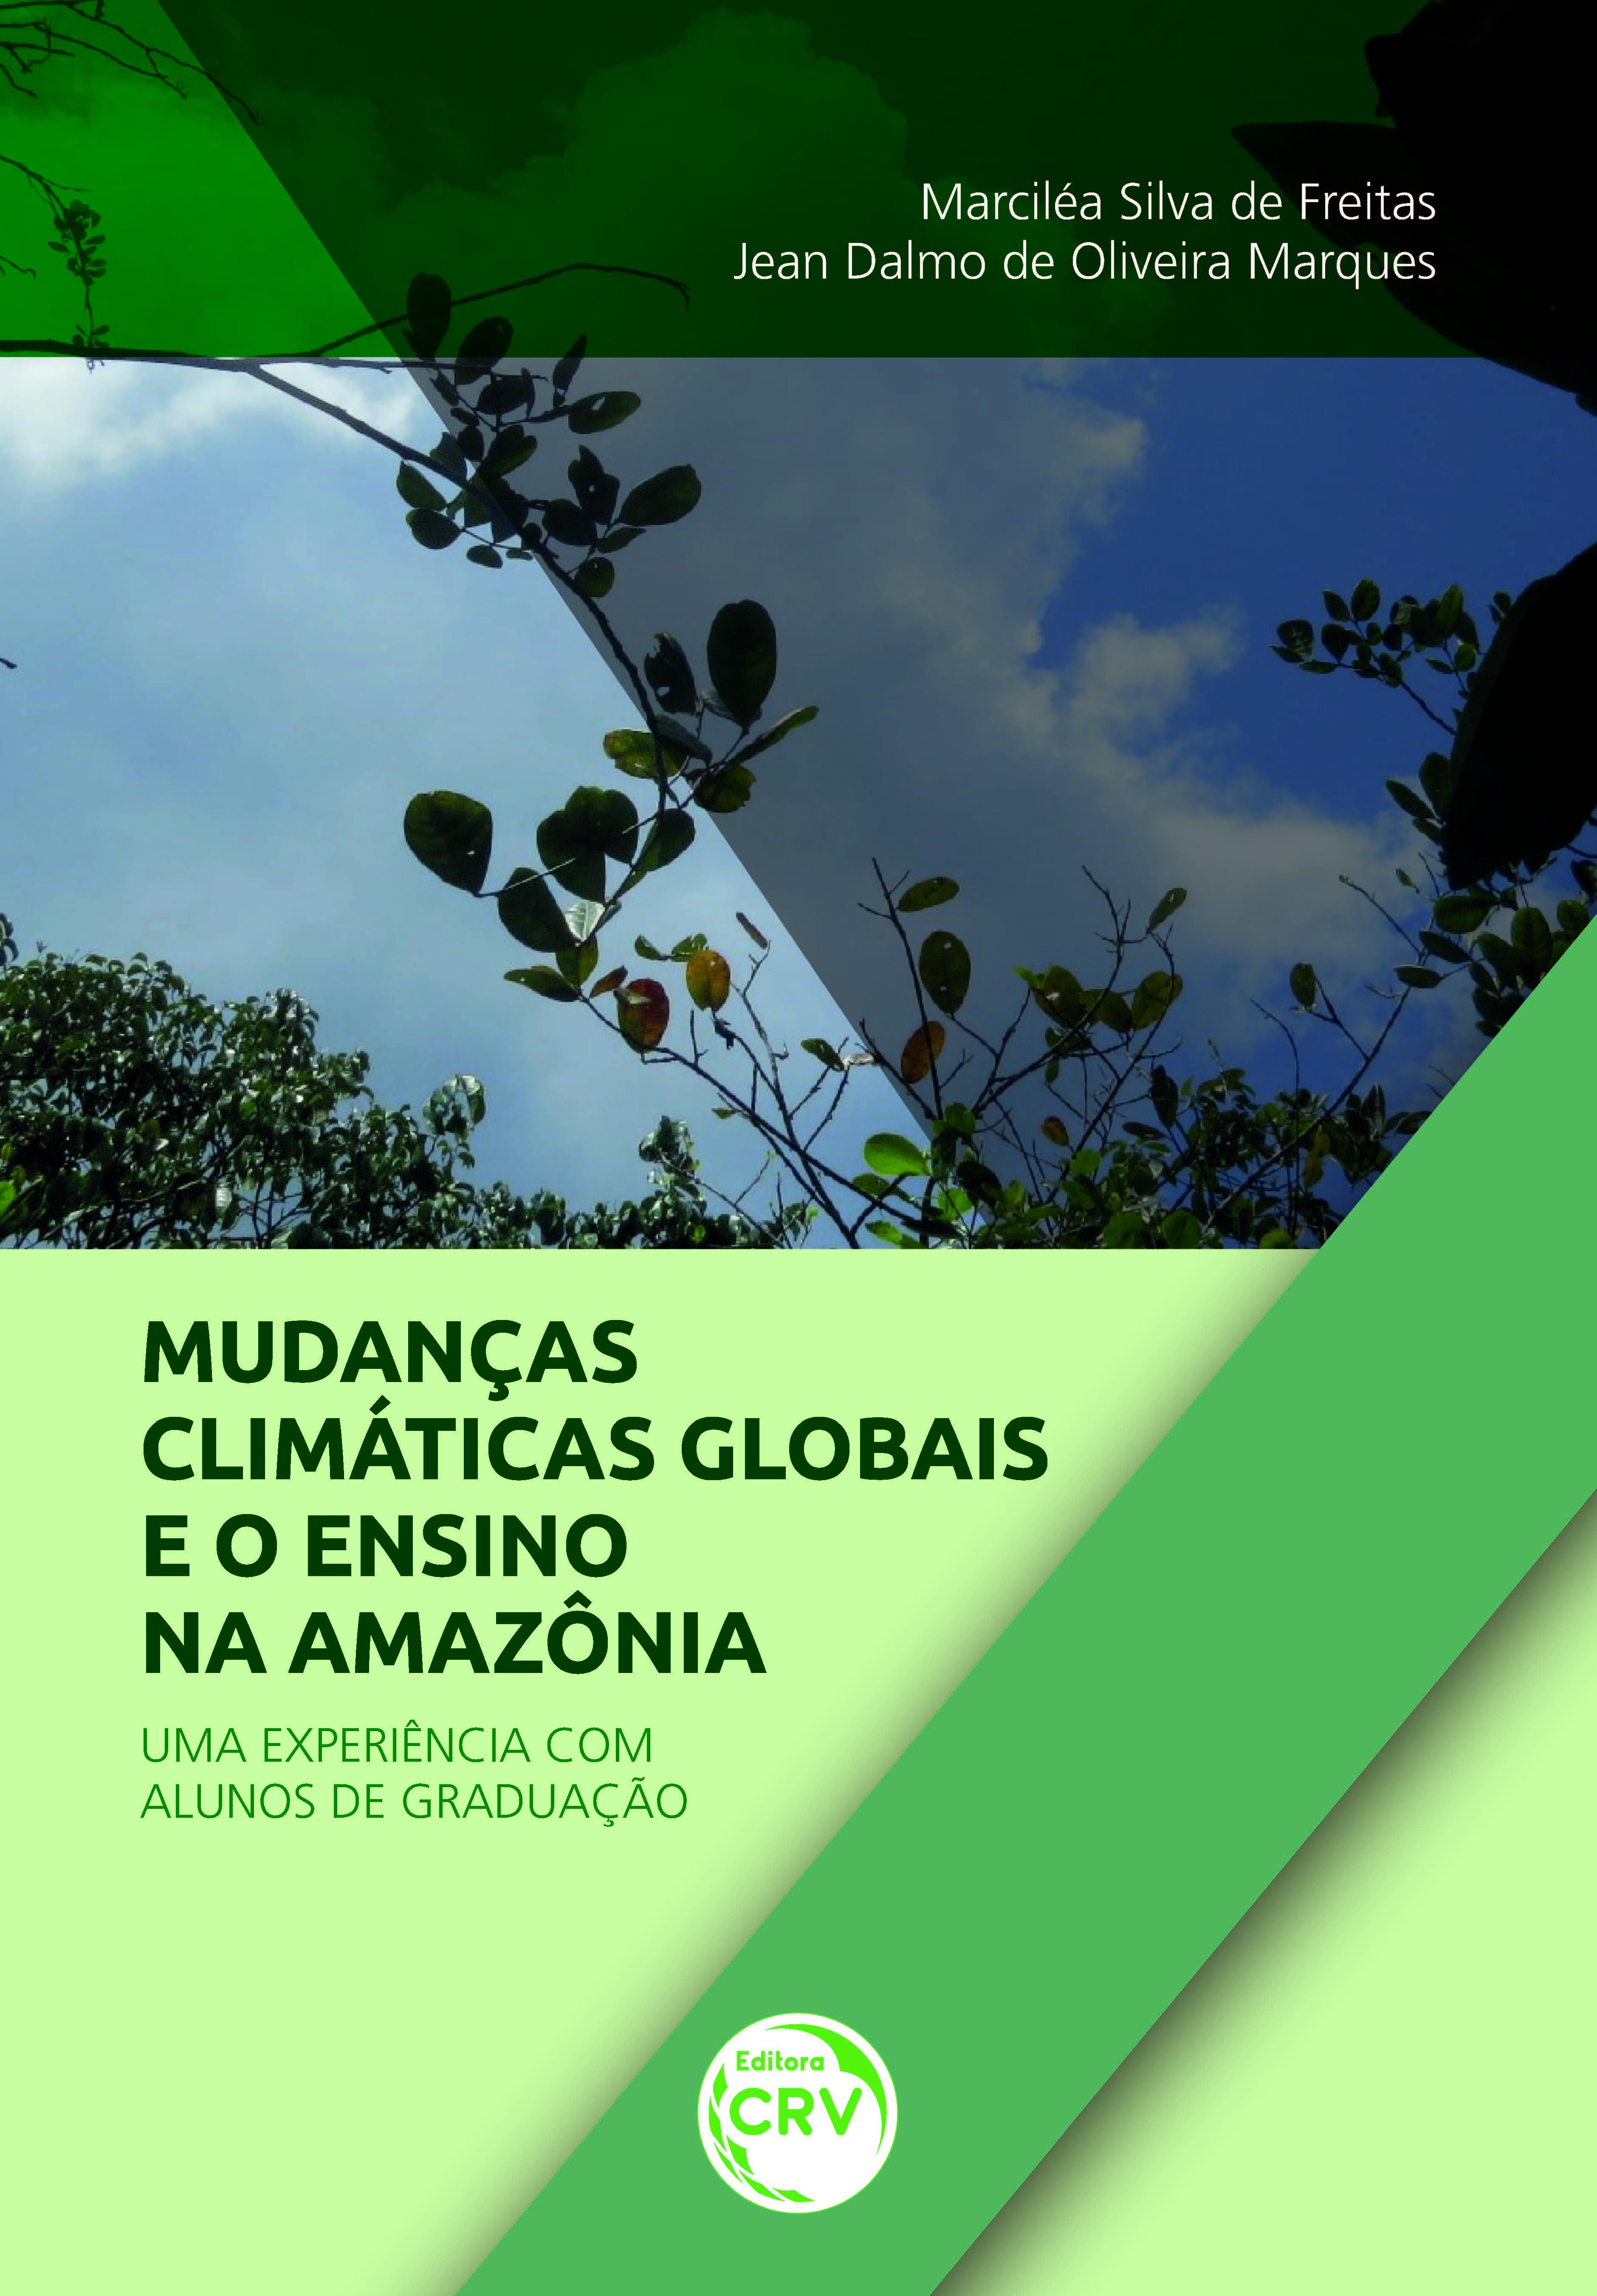 Capa do livro: MUDANÇAS CLIMÁTICAS GLOBAIS E ENSINO NA AMAZÔNIA:<br> uma experiência com alunos de graduação